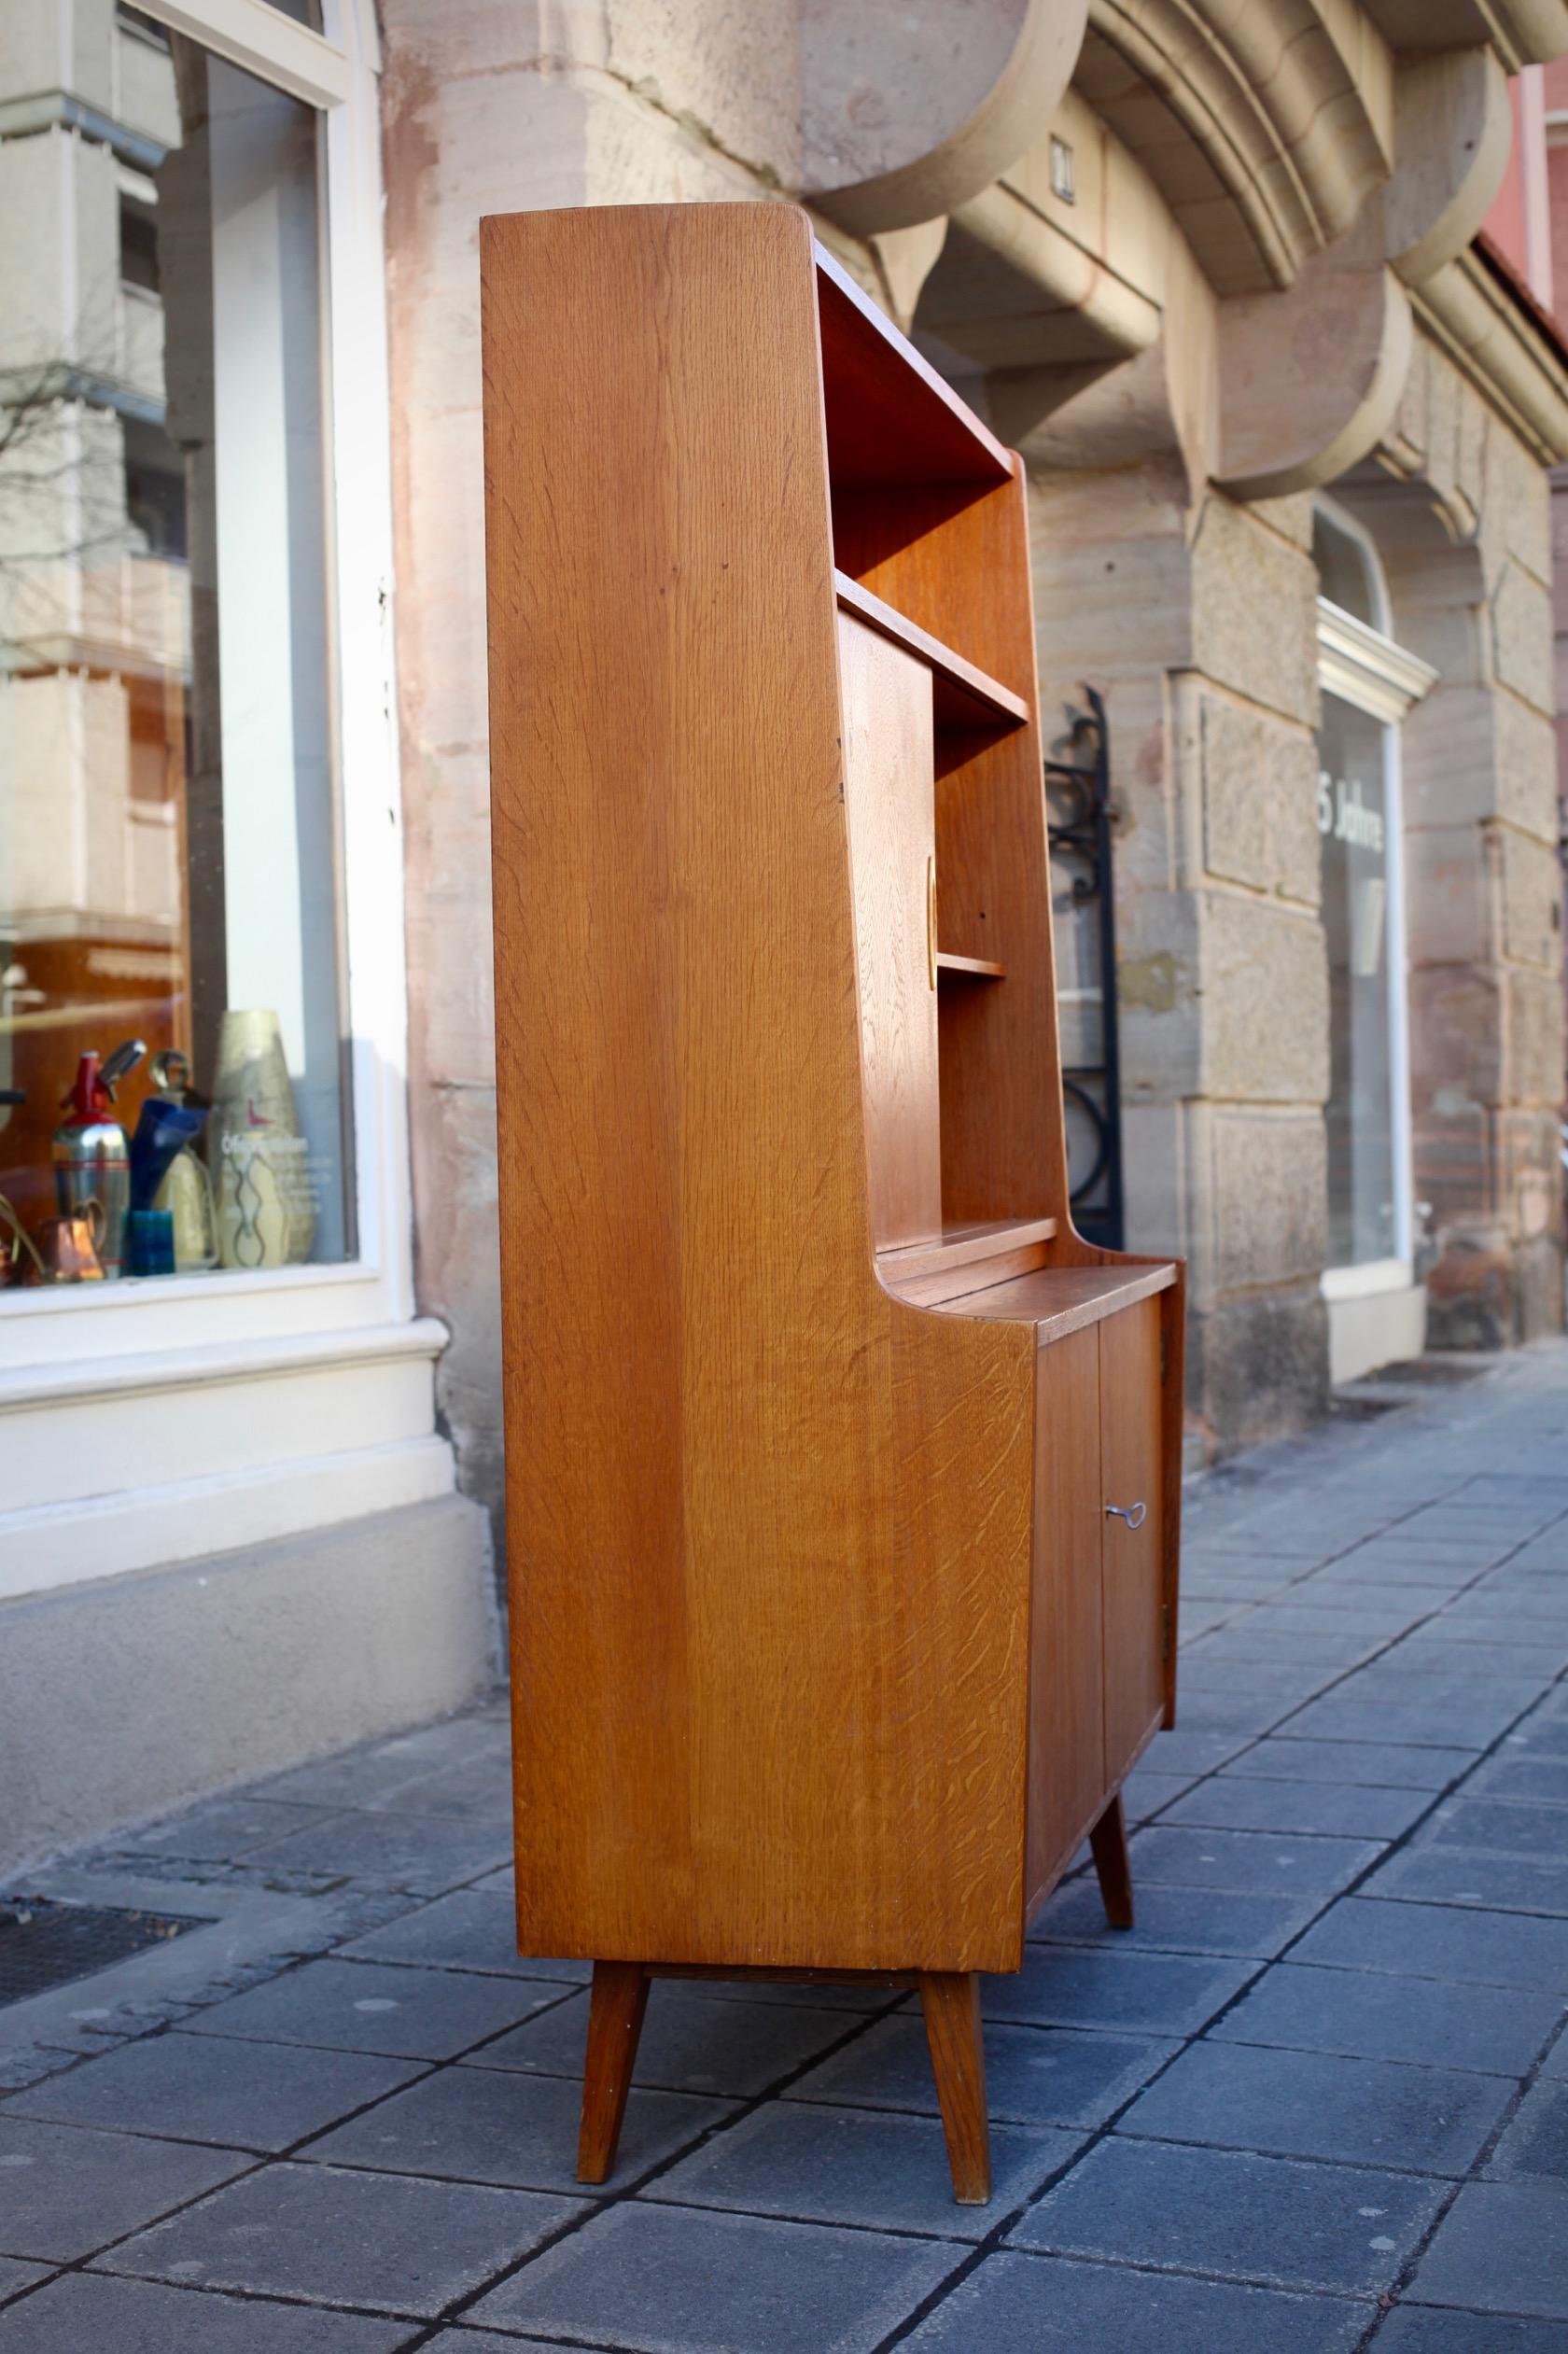 highboard regal sekret r aus den 50er jahren raumwunder vintage wohnen in n rnberg. Black Bedroom Furniture Sets. Home Design Ideas